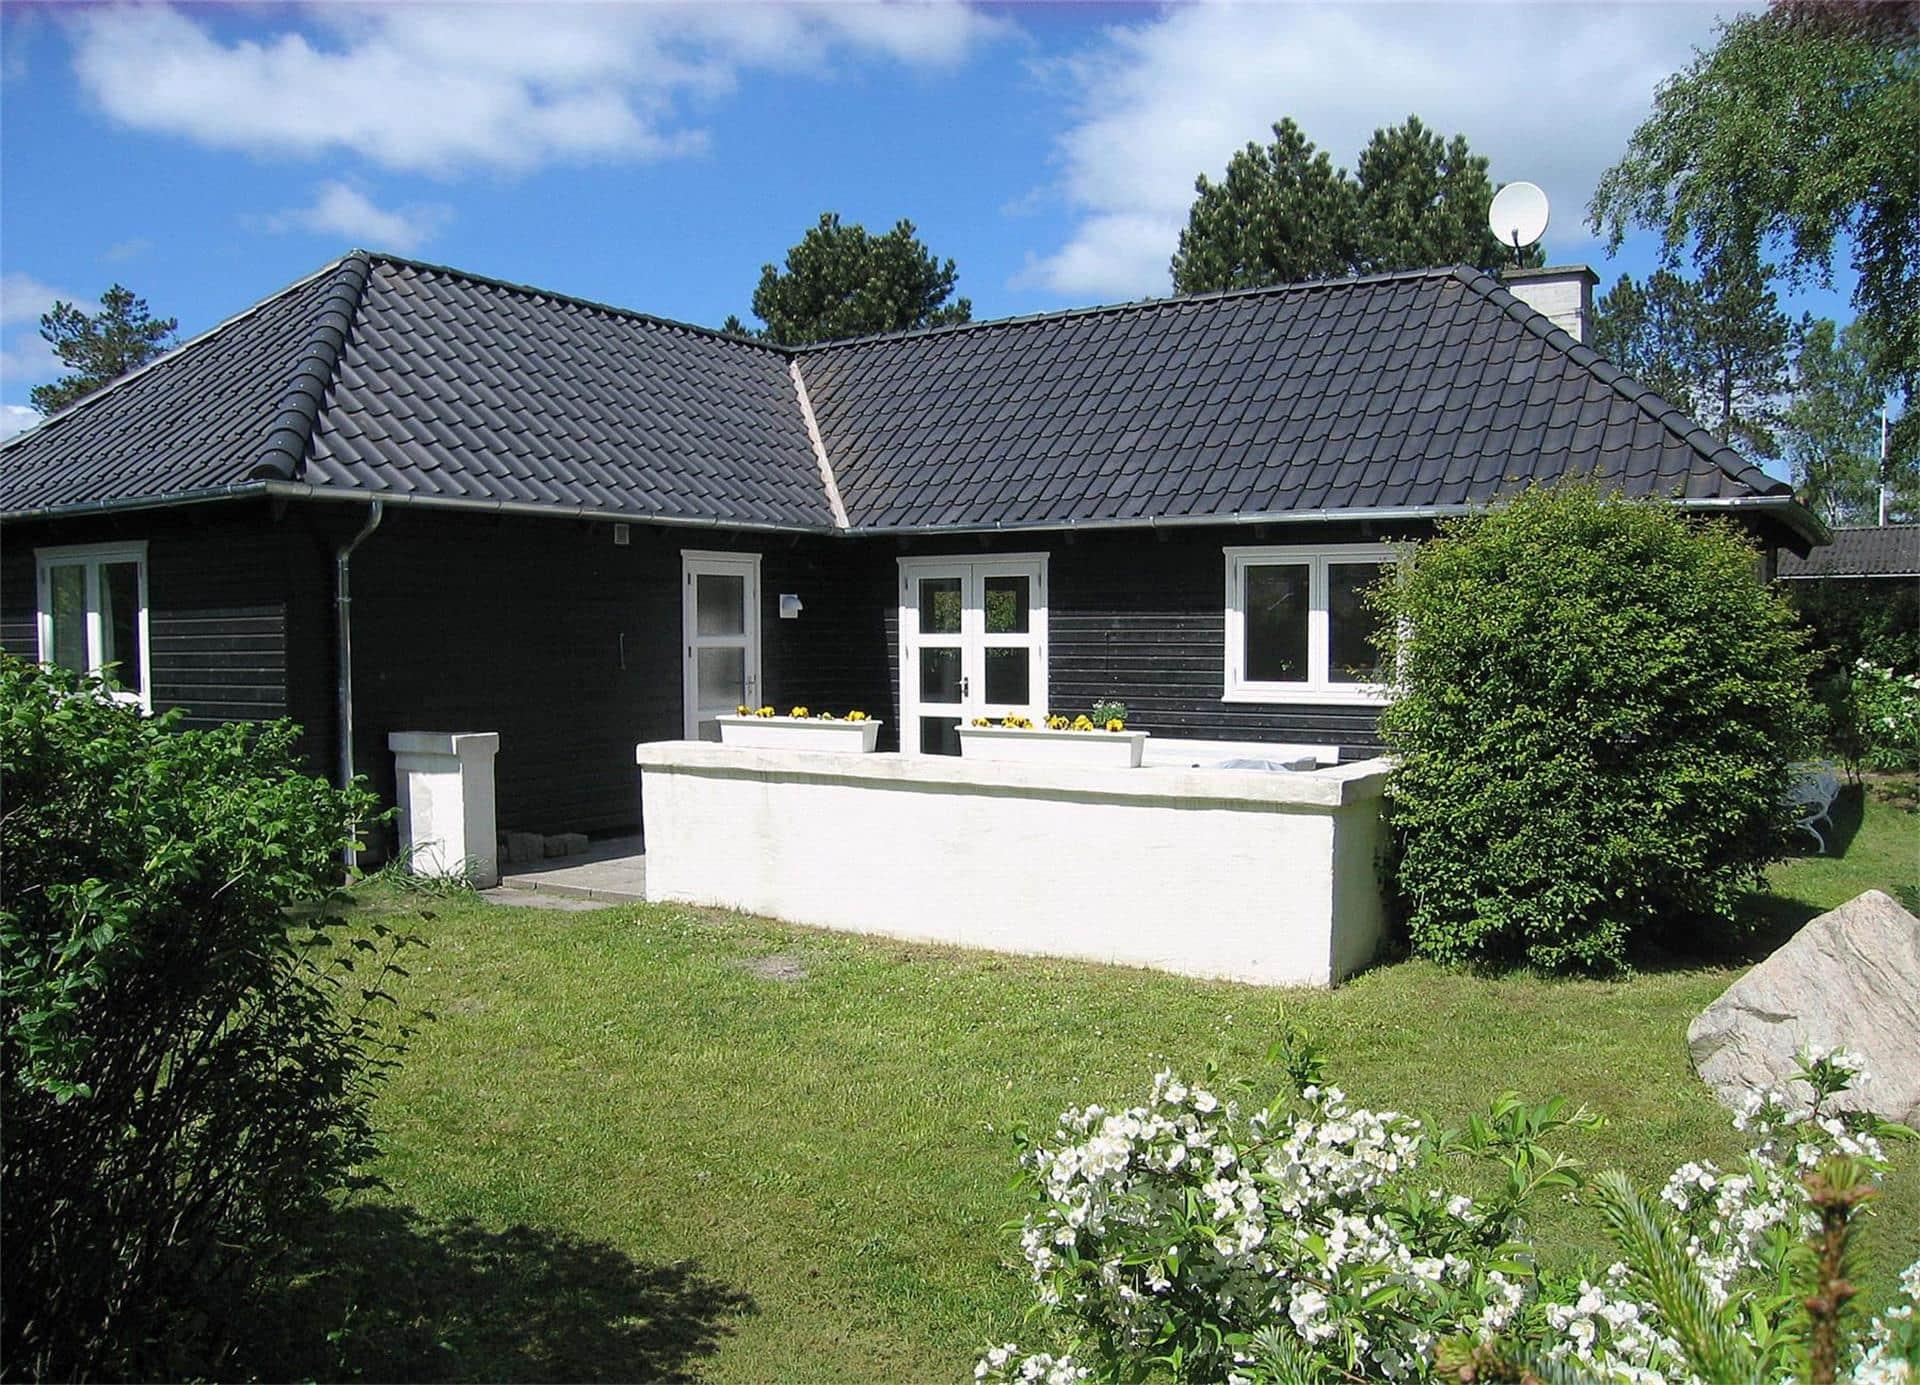 Image 1-19 Holiday-home 30575, Tværagervej 4, DK - 8300 Odder